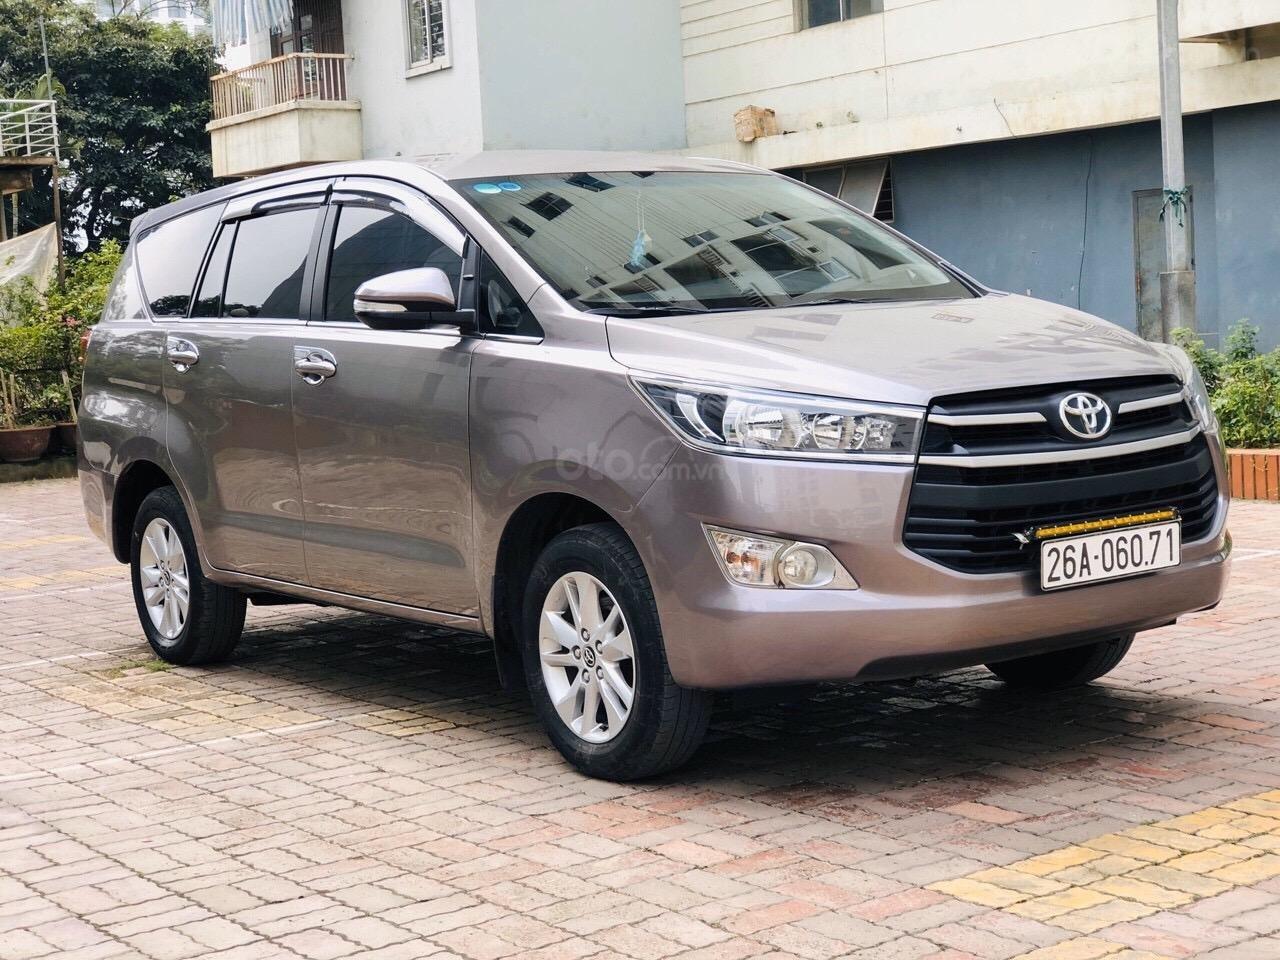 Cần bán xe Toyota Innova 2.0E năm sản xuất 2017, màu xám (ghi) (2)